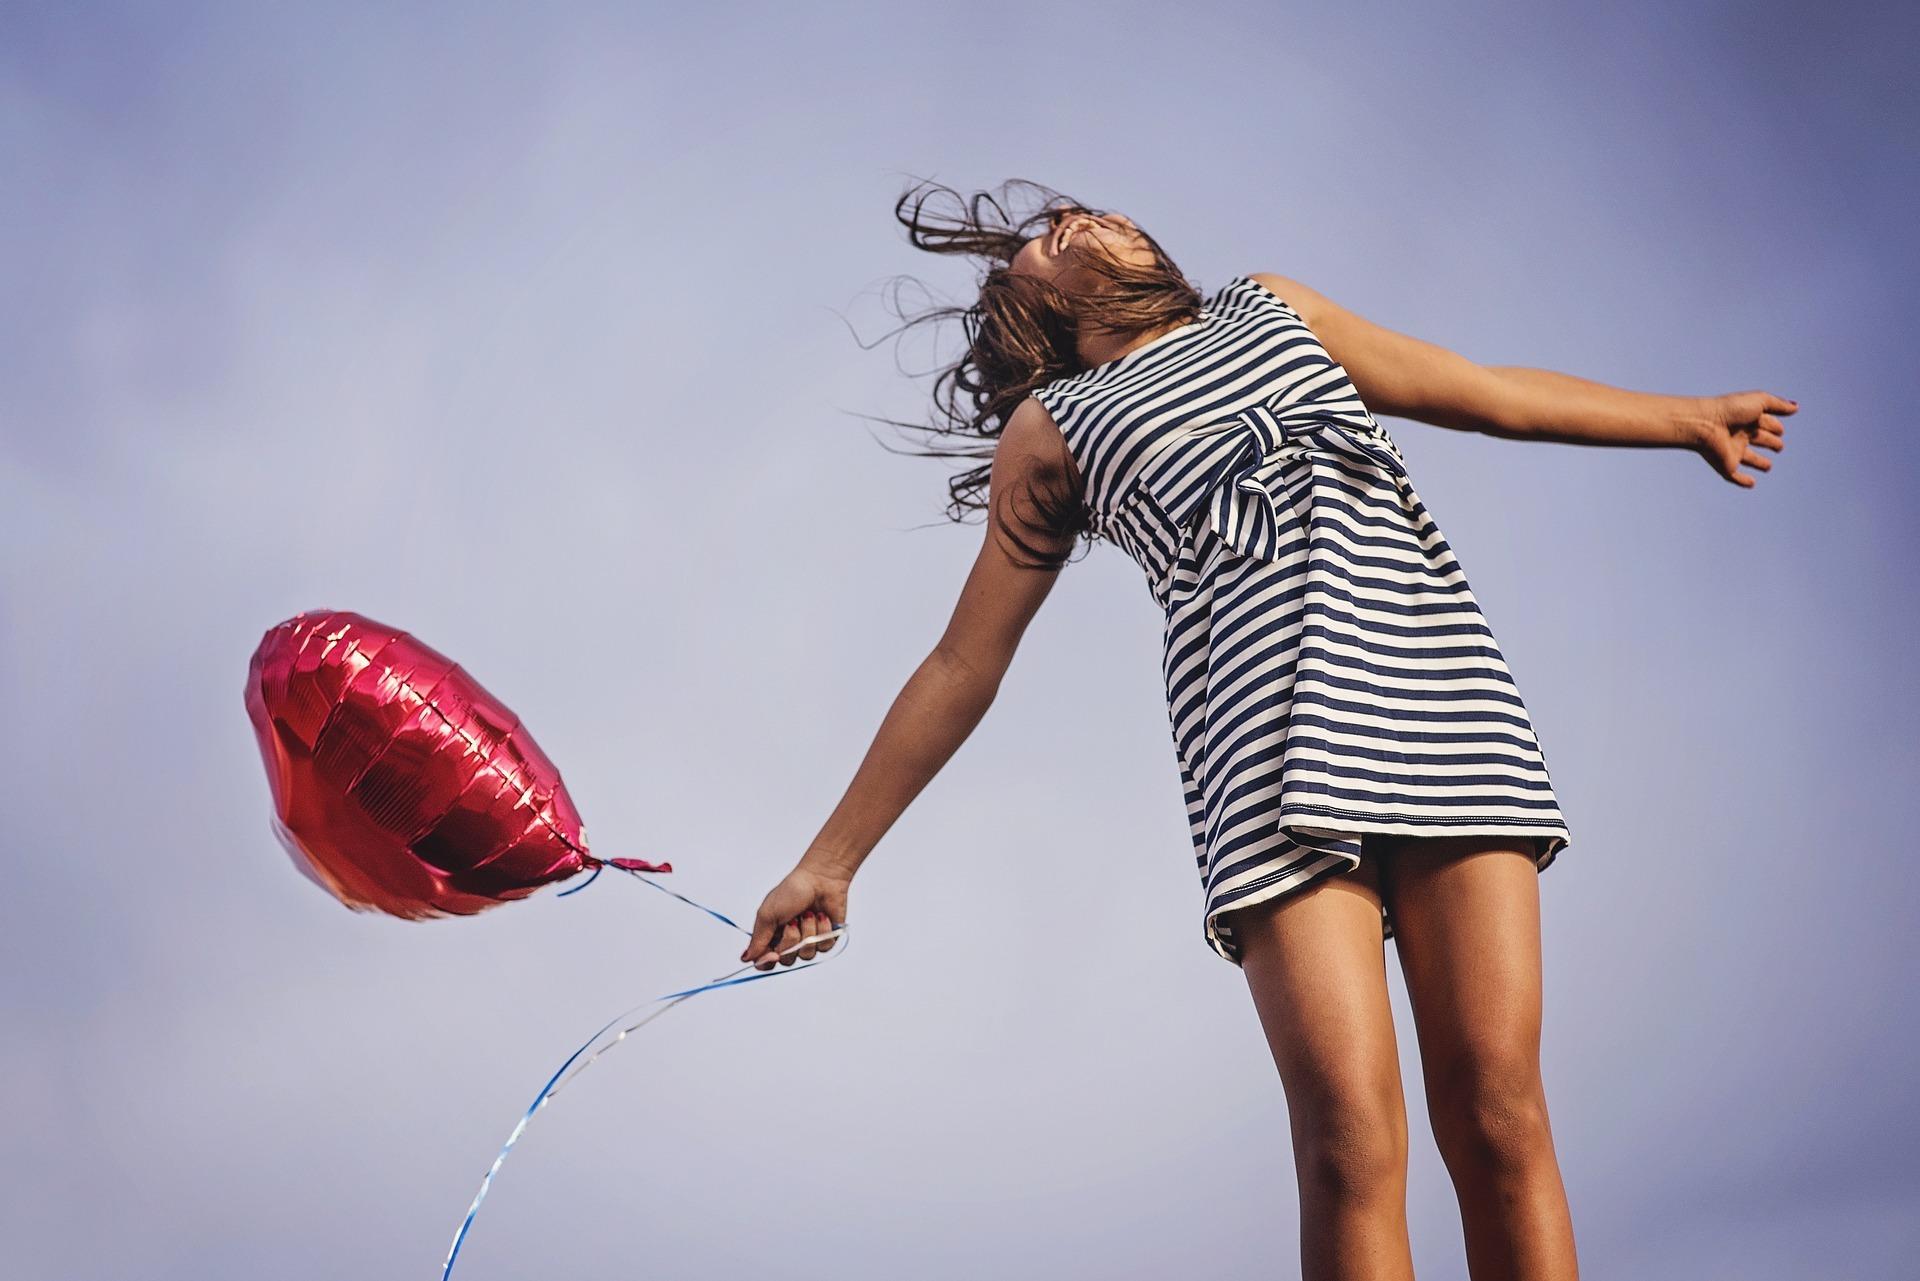 Was du Gutes für deinen Blog machen kannst | 33 Tipps für mehr Spaß